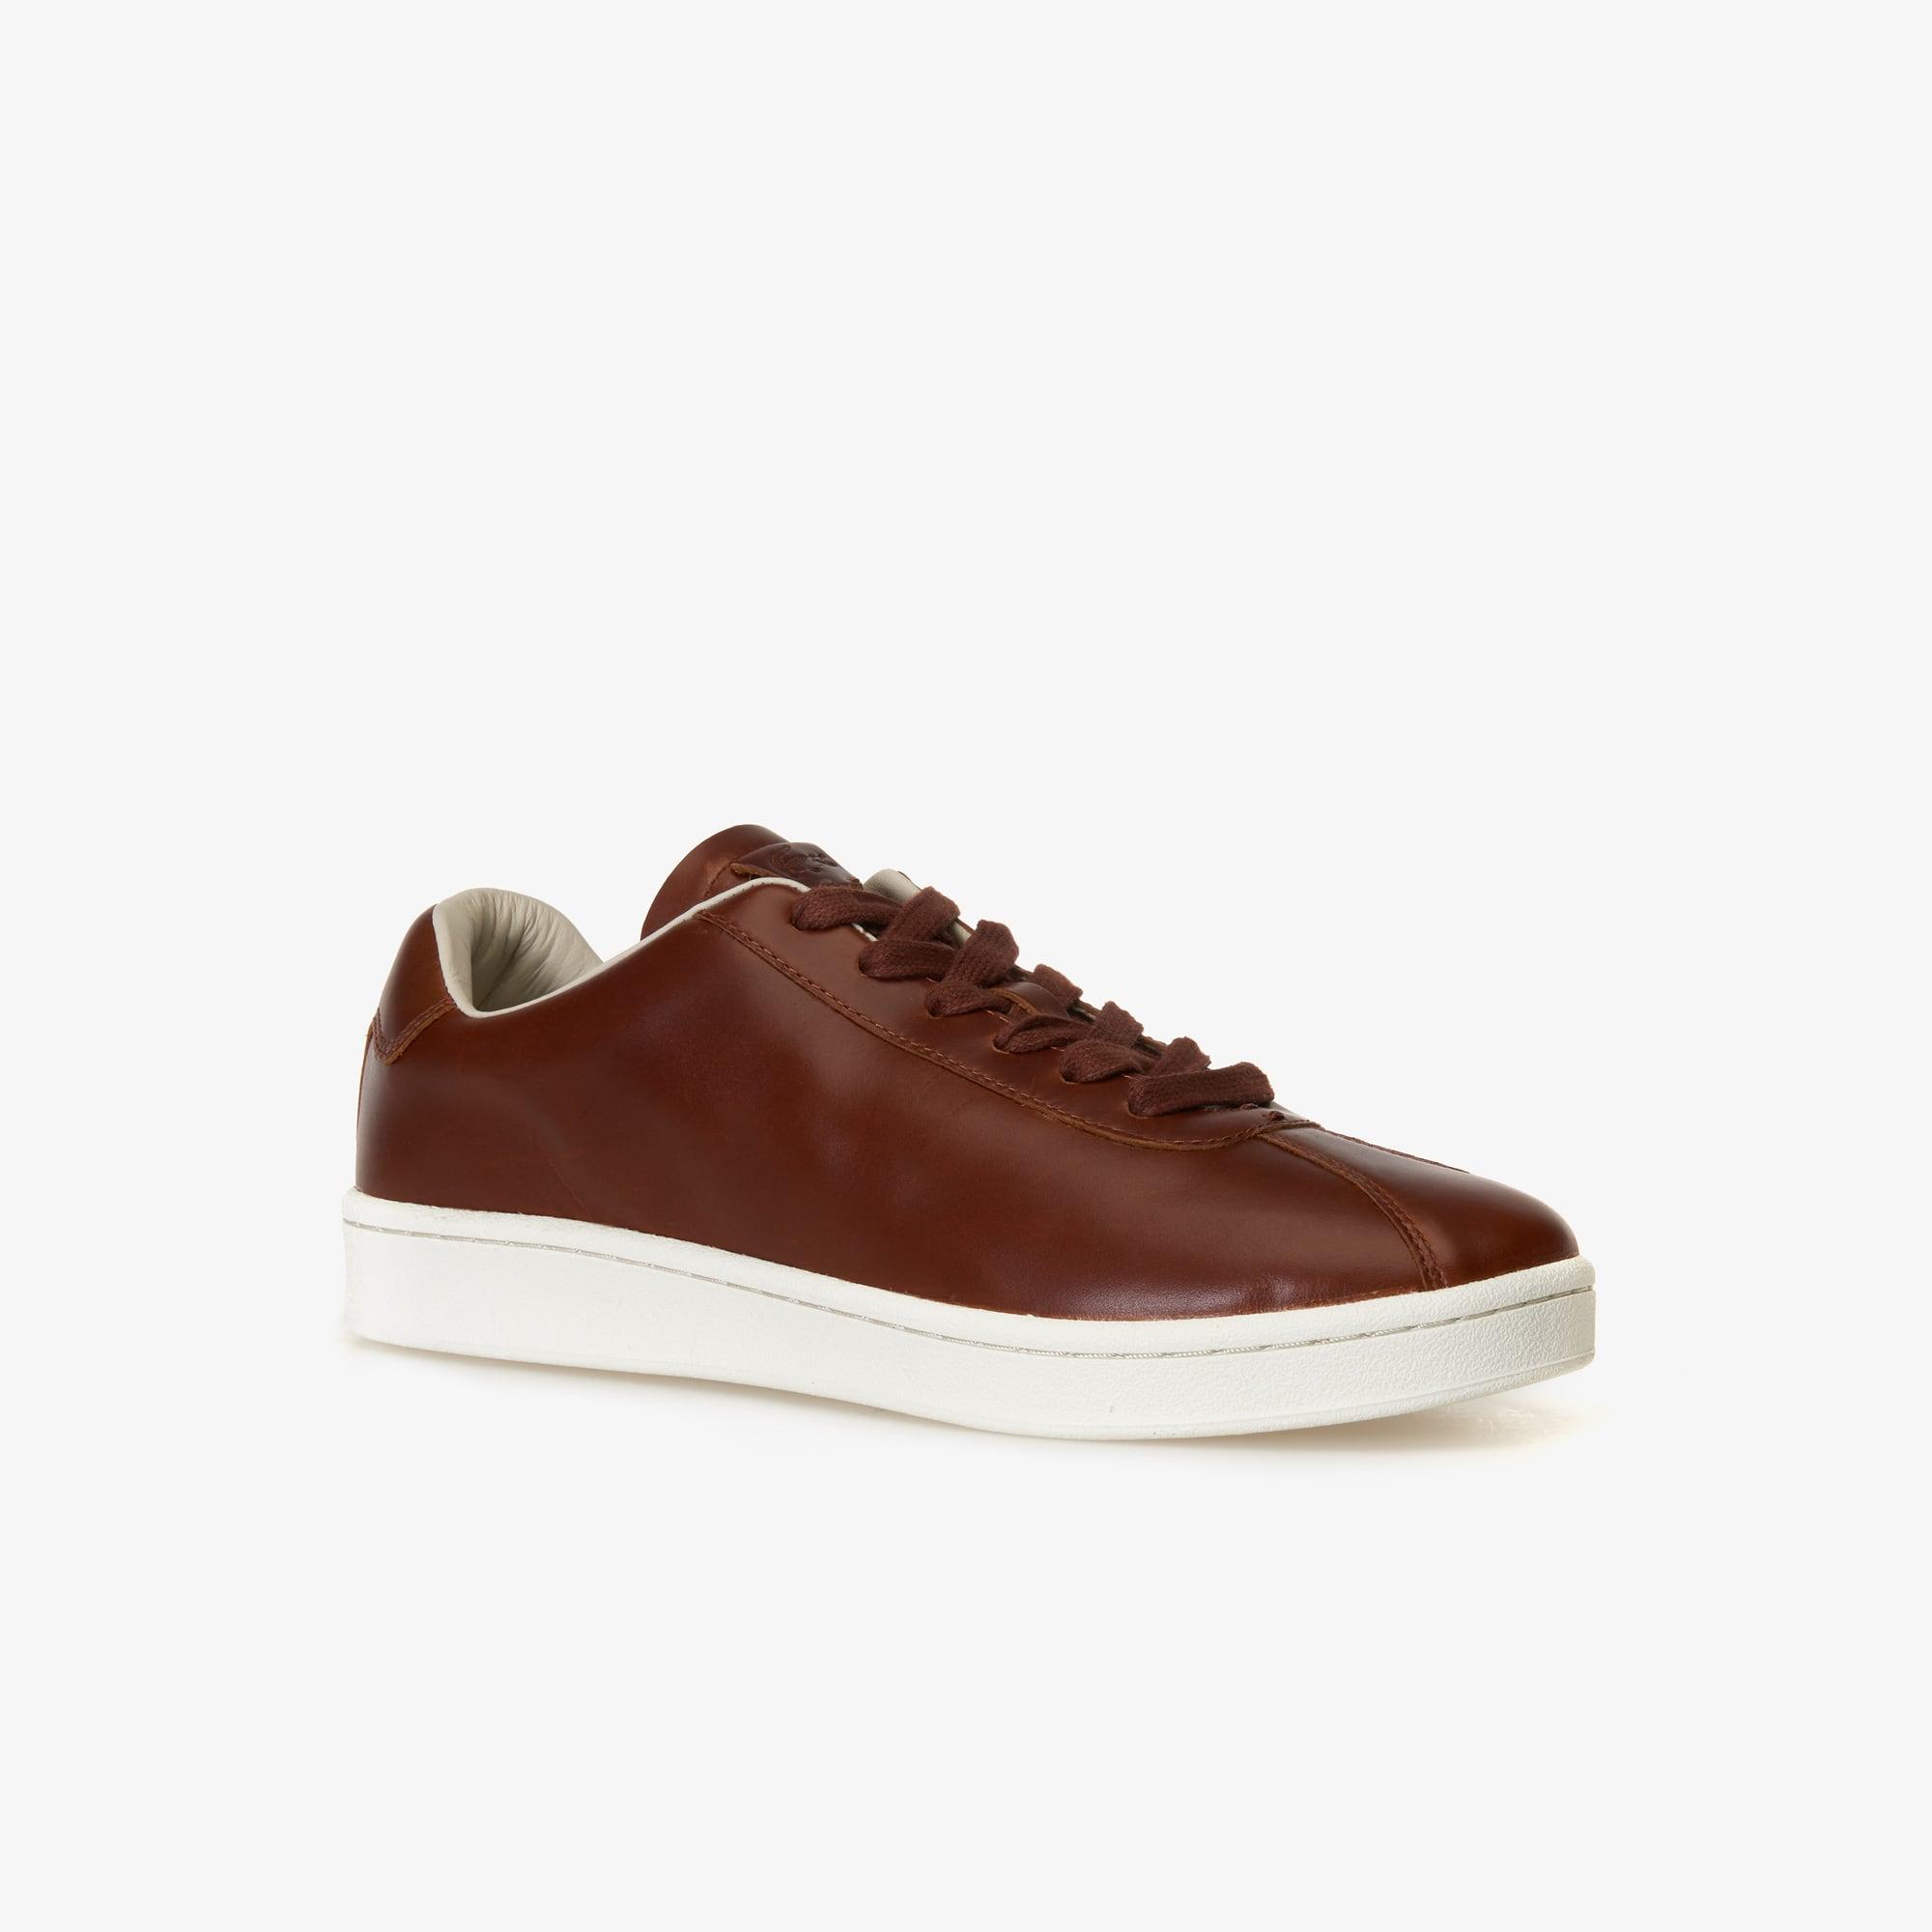 5c77cbe8f Coleção de sapatos | Calçado para Homem | LACOSTE